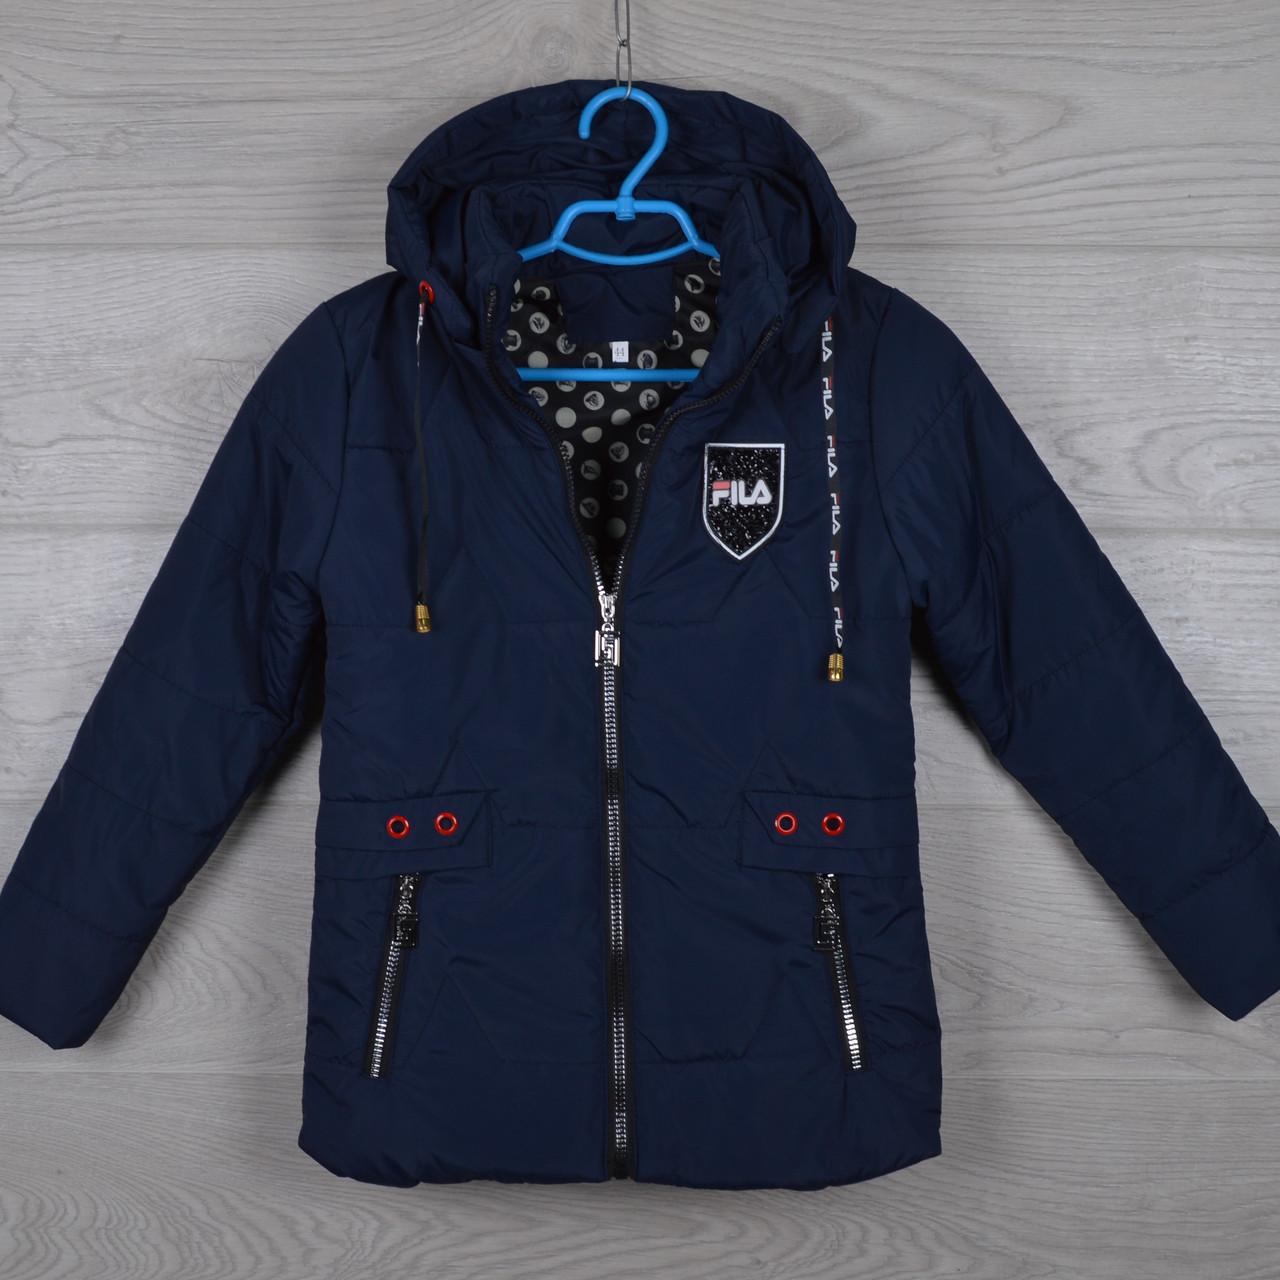 """Куртка детская демисезонная """"FilA реплика""""  6-7-8-9-10 лет (116-140 см). Темно-синяя. Оптом."""